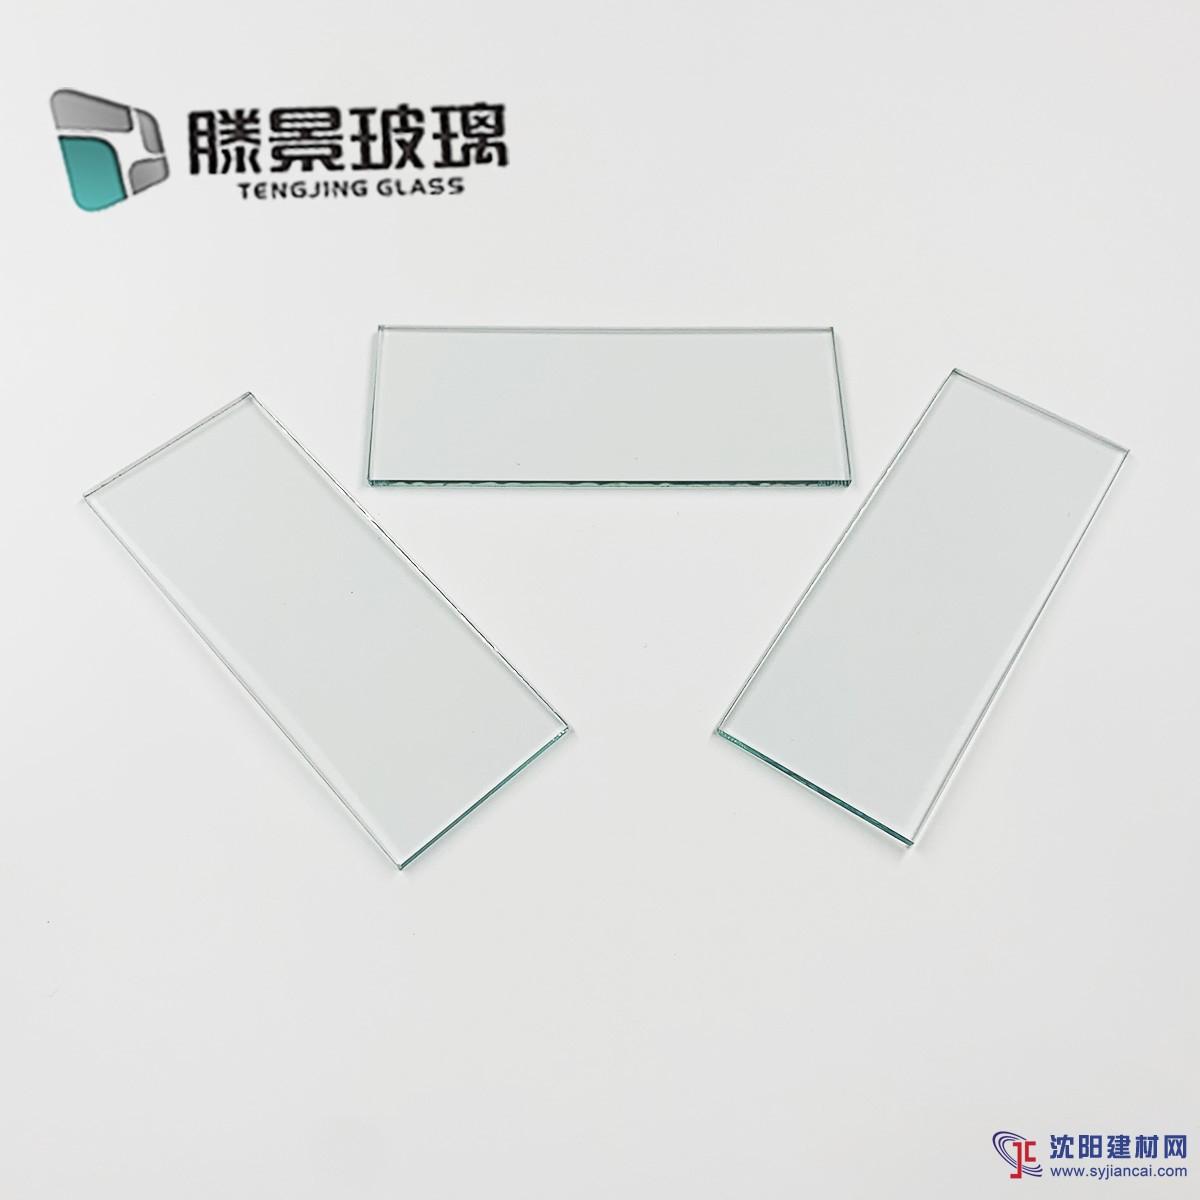 滕景定制0.15-5mm超薄玻璃片精度高